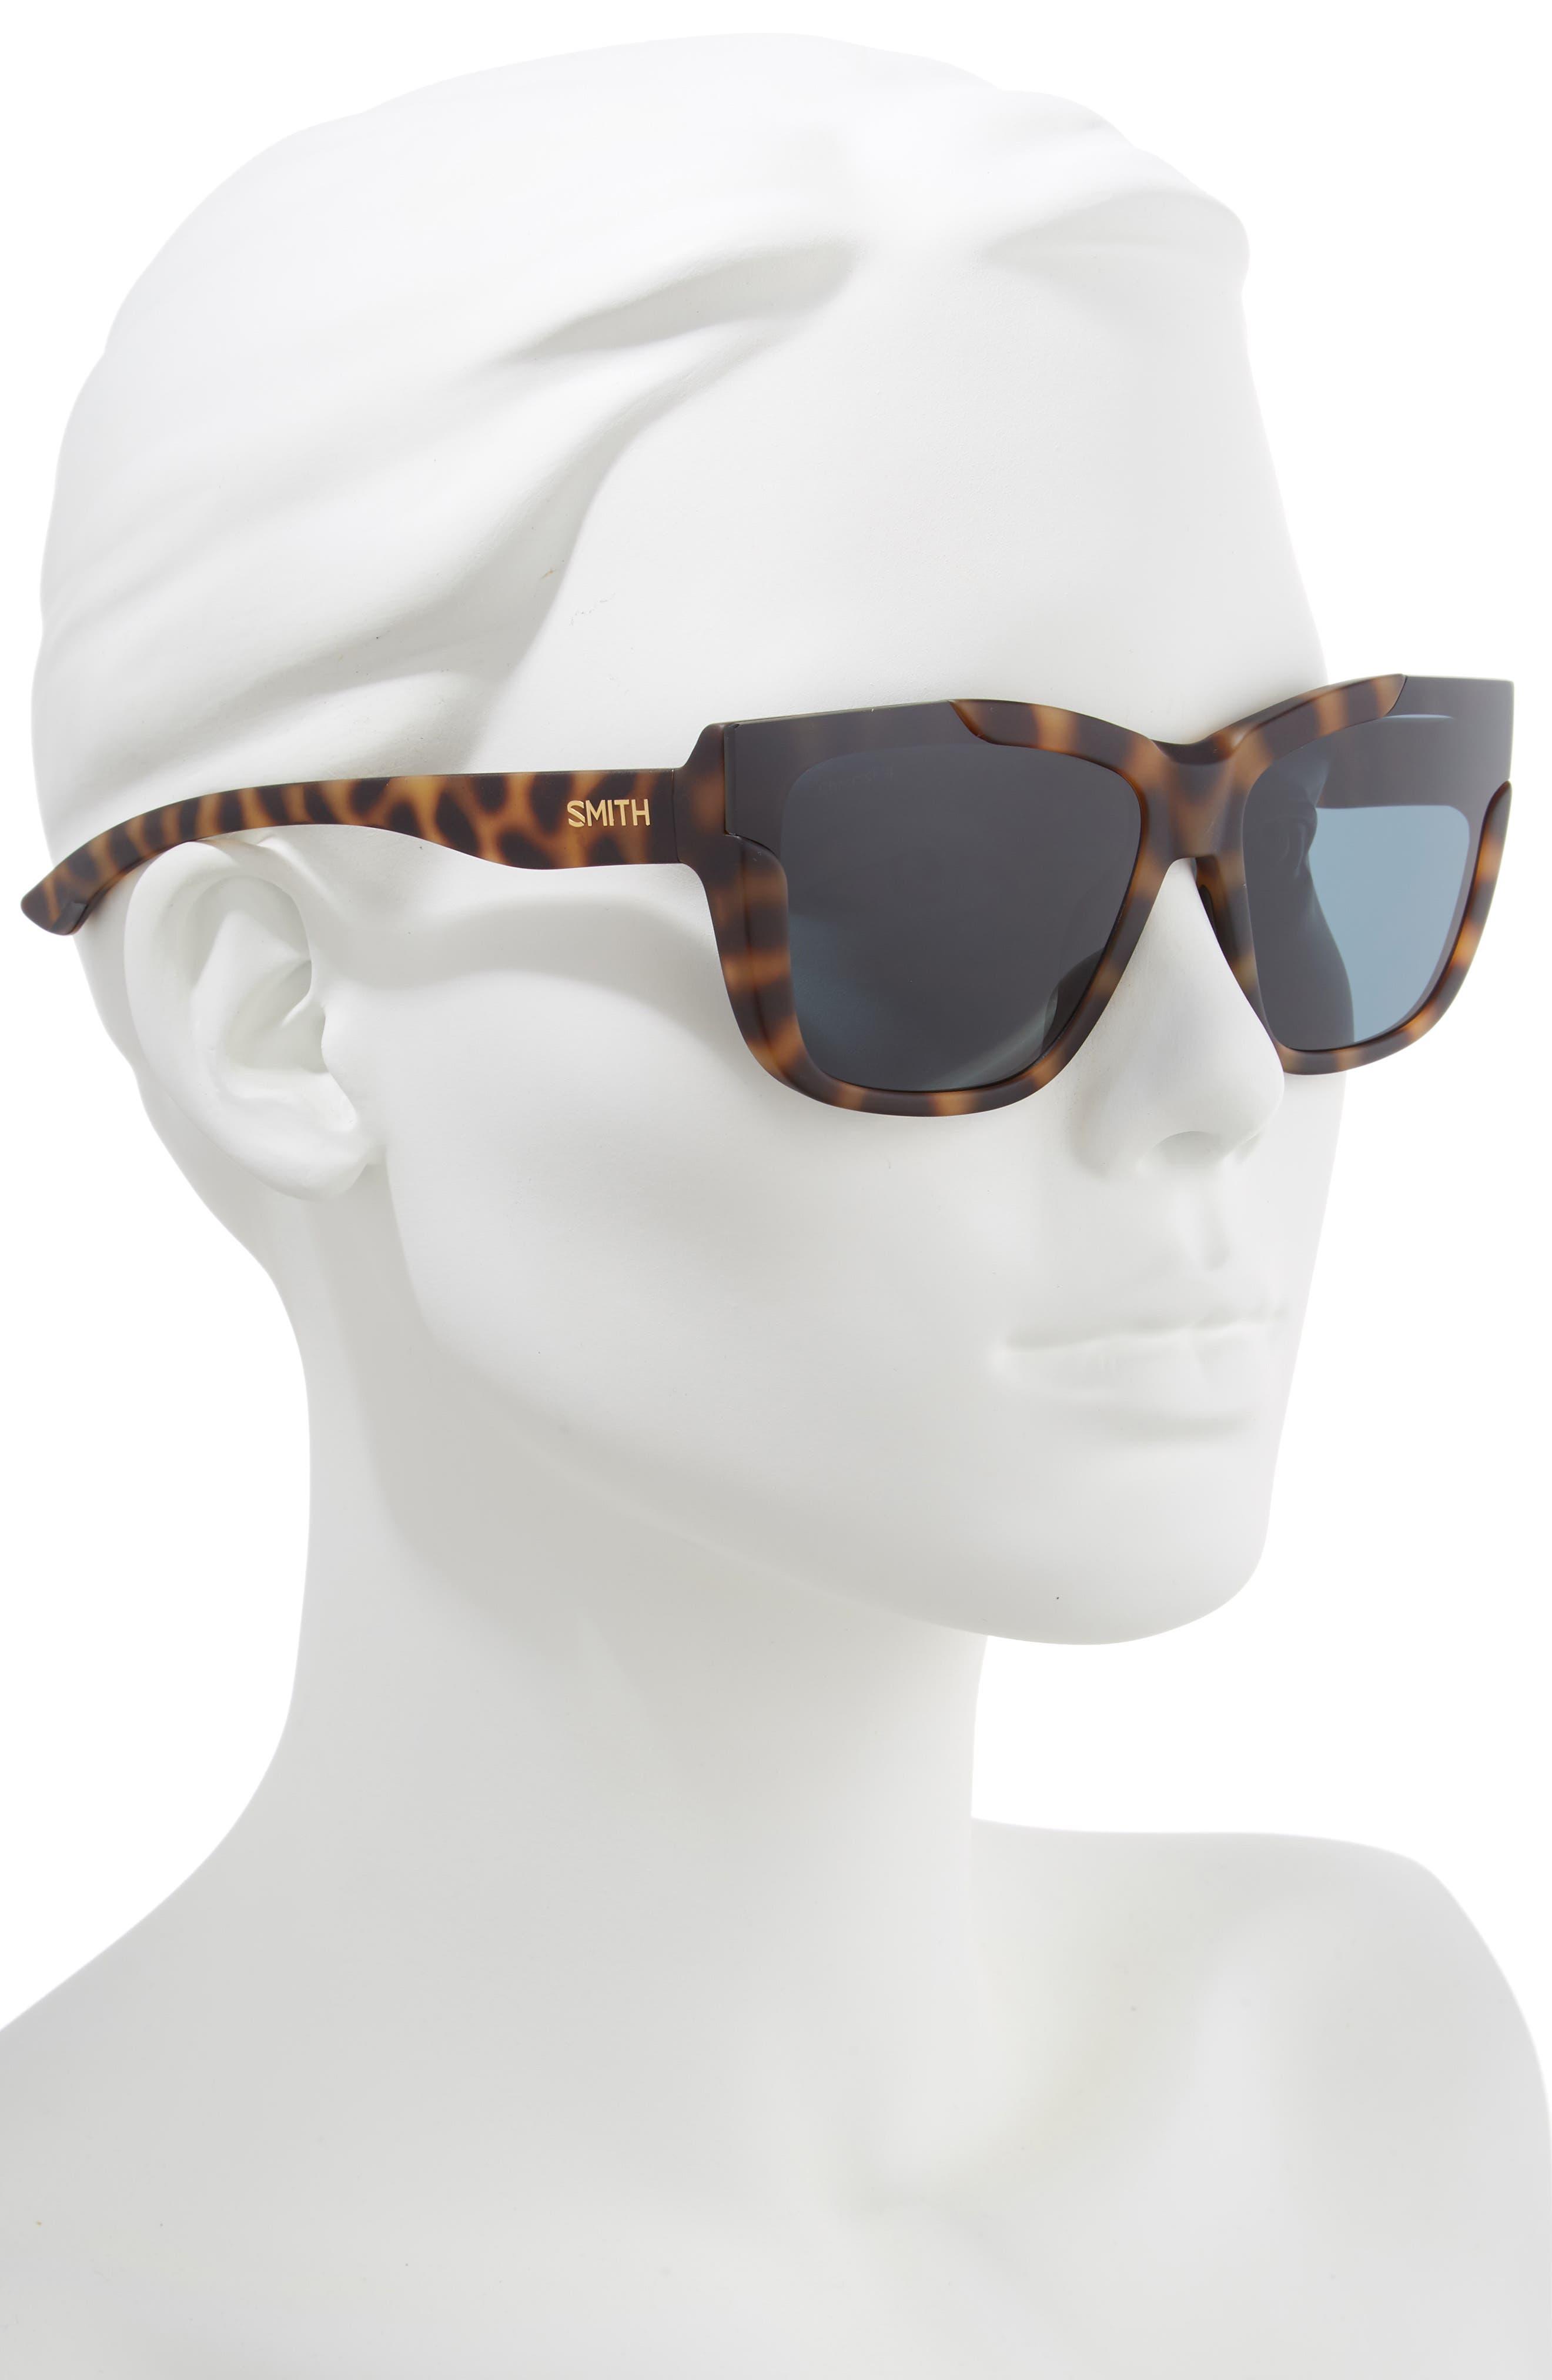 b229430c8c Women s Smith Cat-Eye Sunglasses